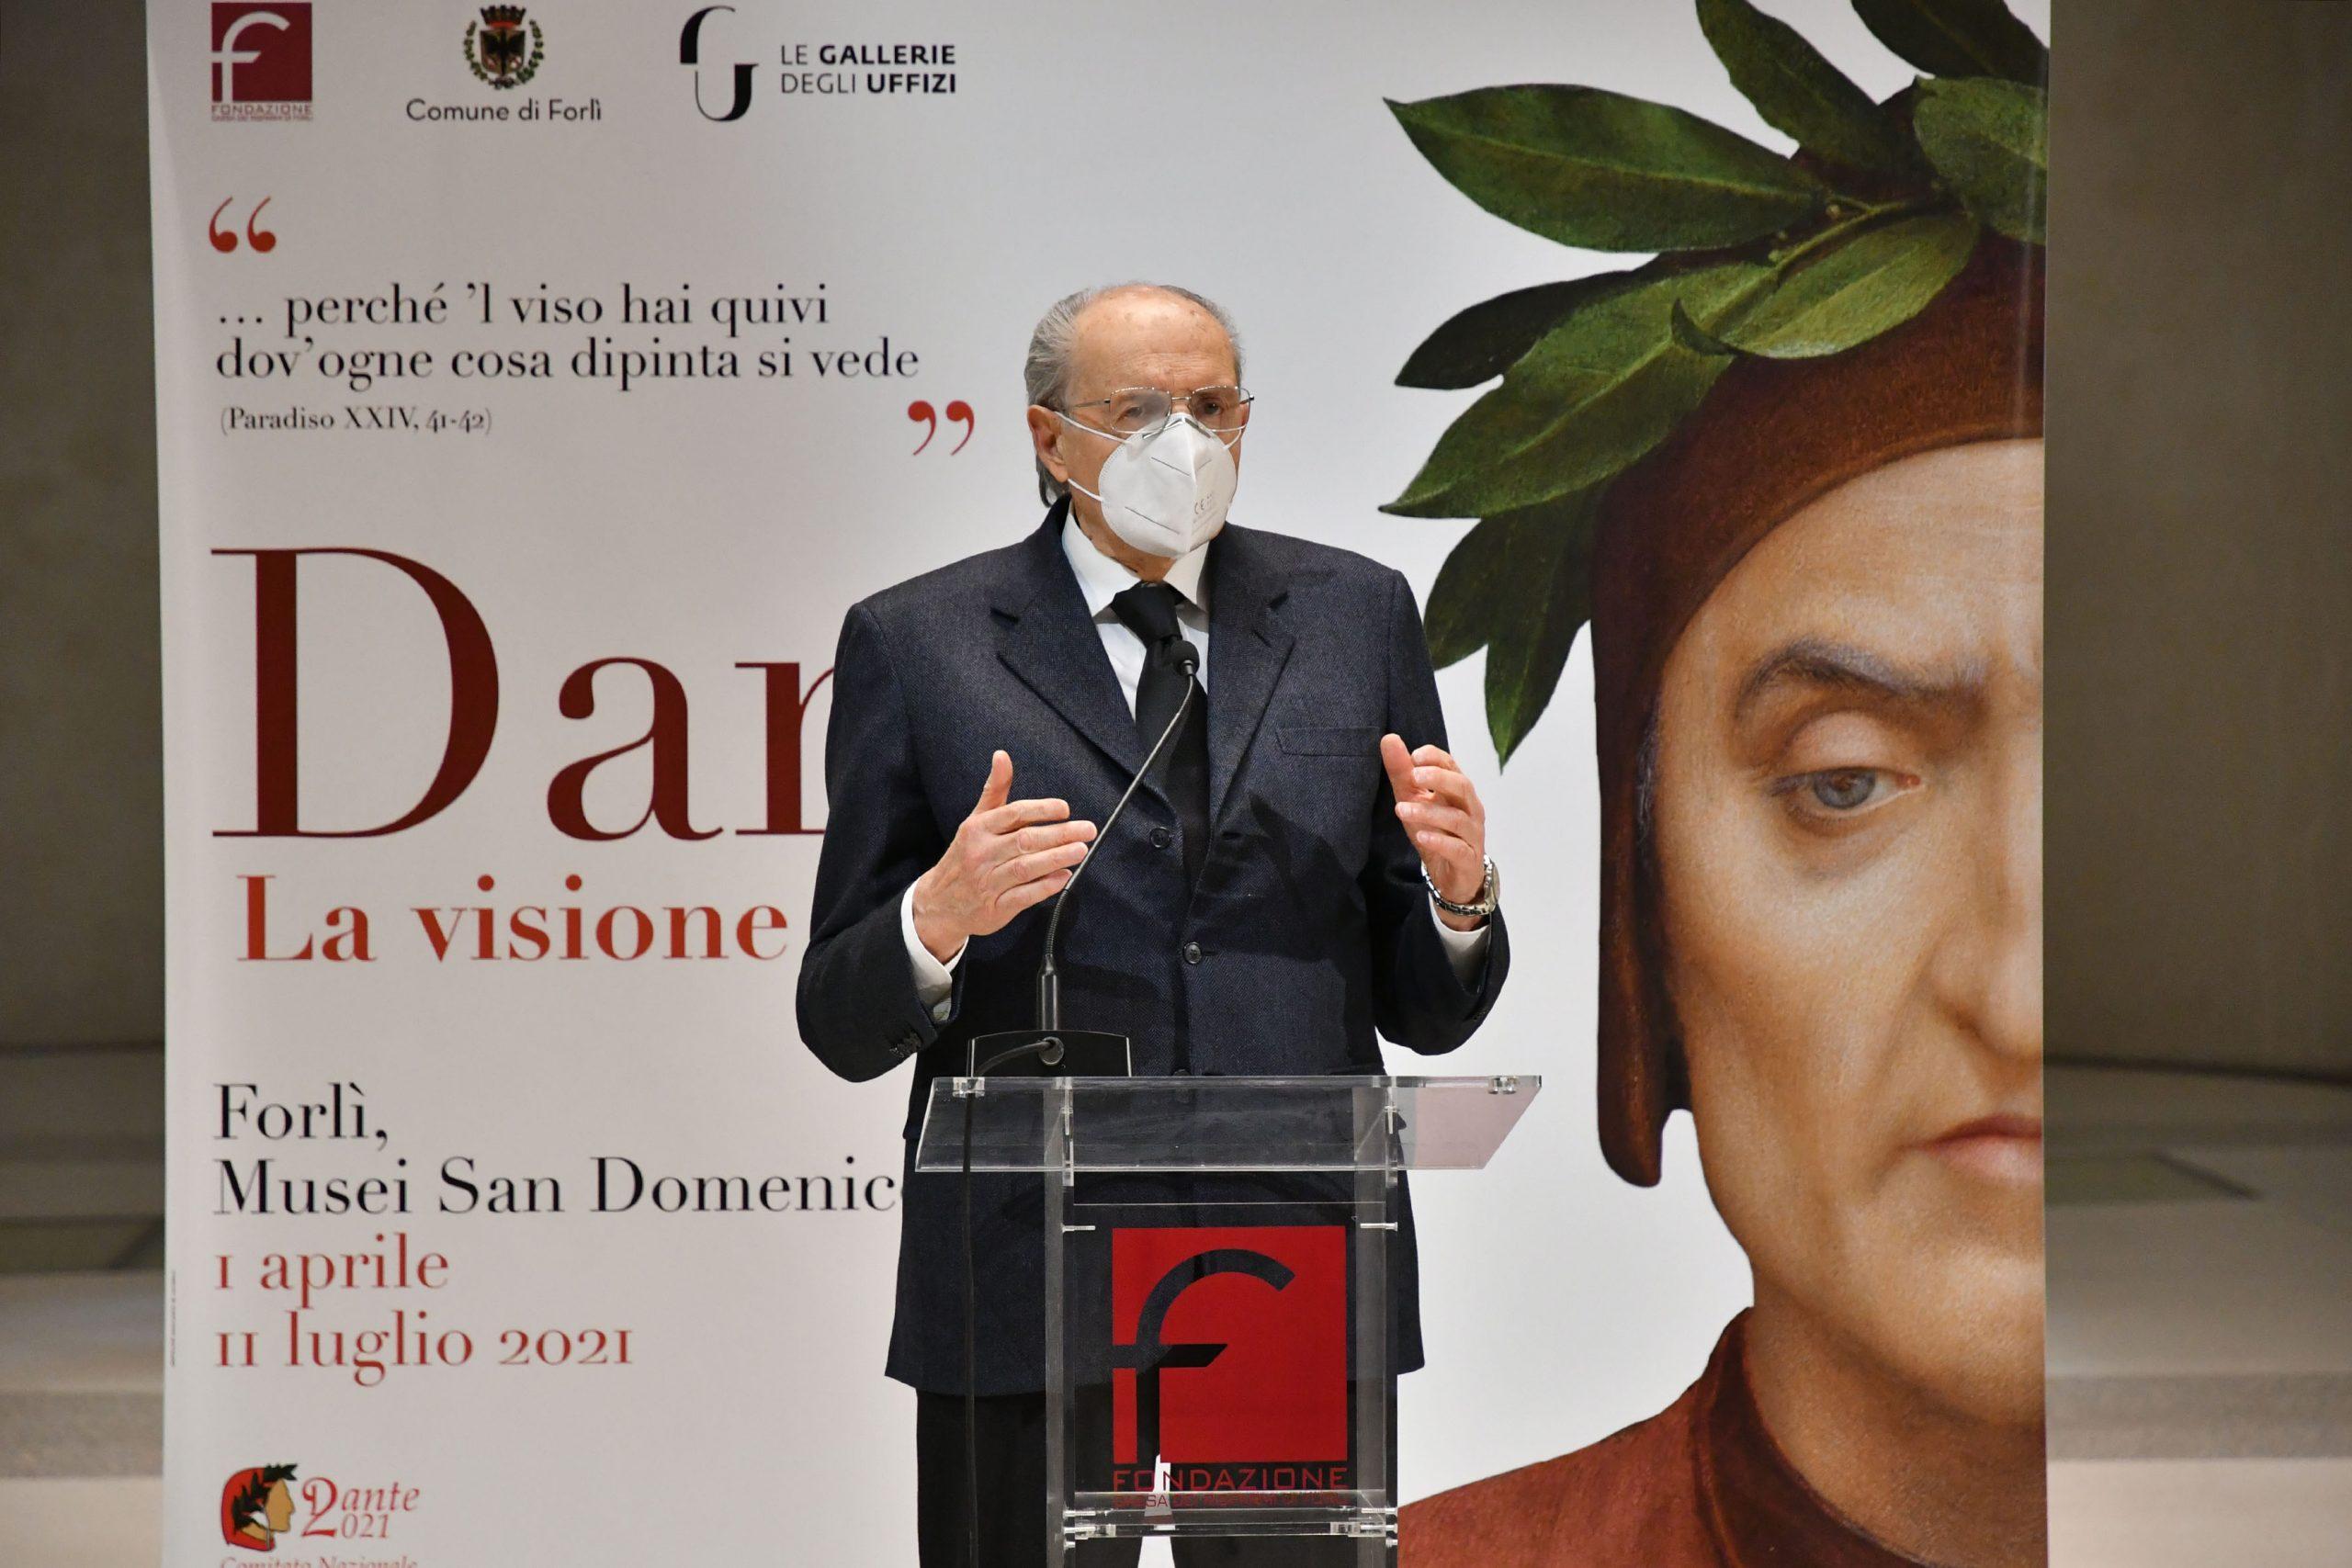 Giorgio Bertozzi DANTE Forlì